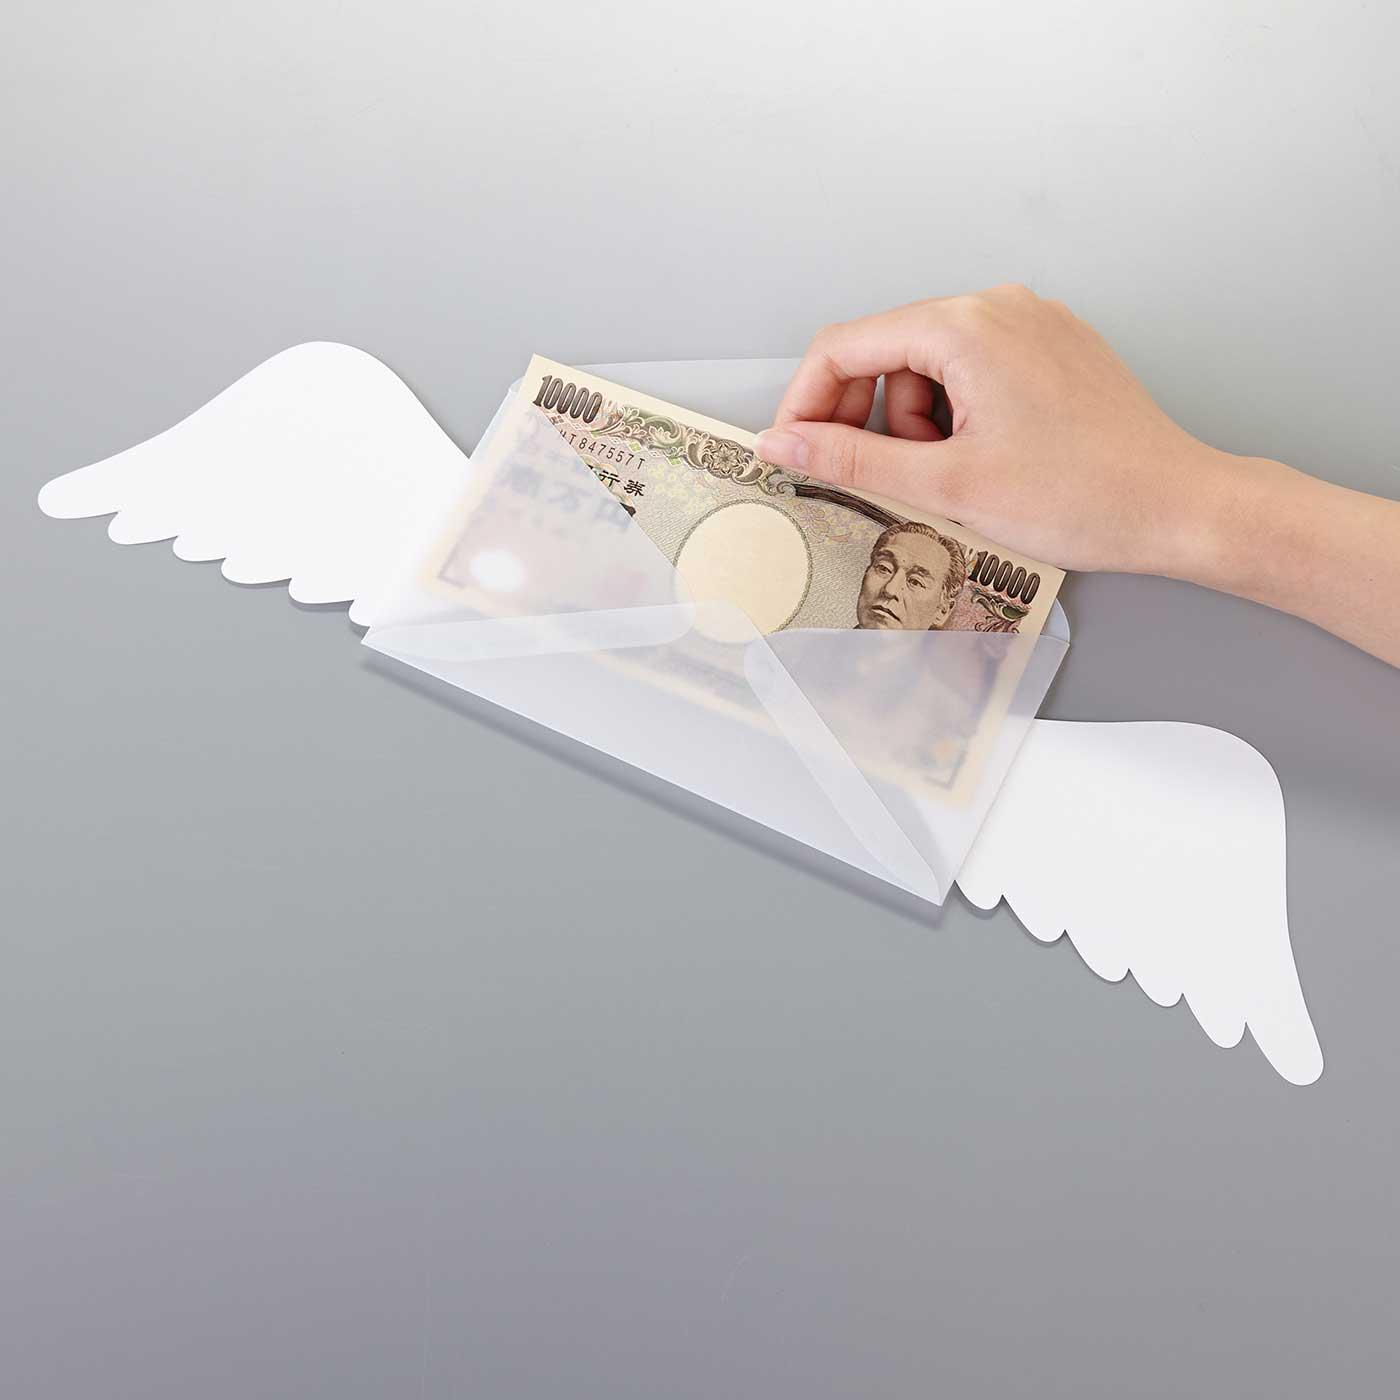 透けてなおかつハリのある、しっかりとした紙。